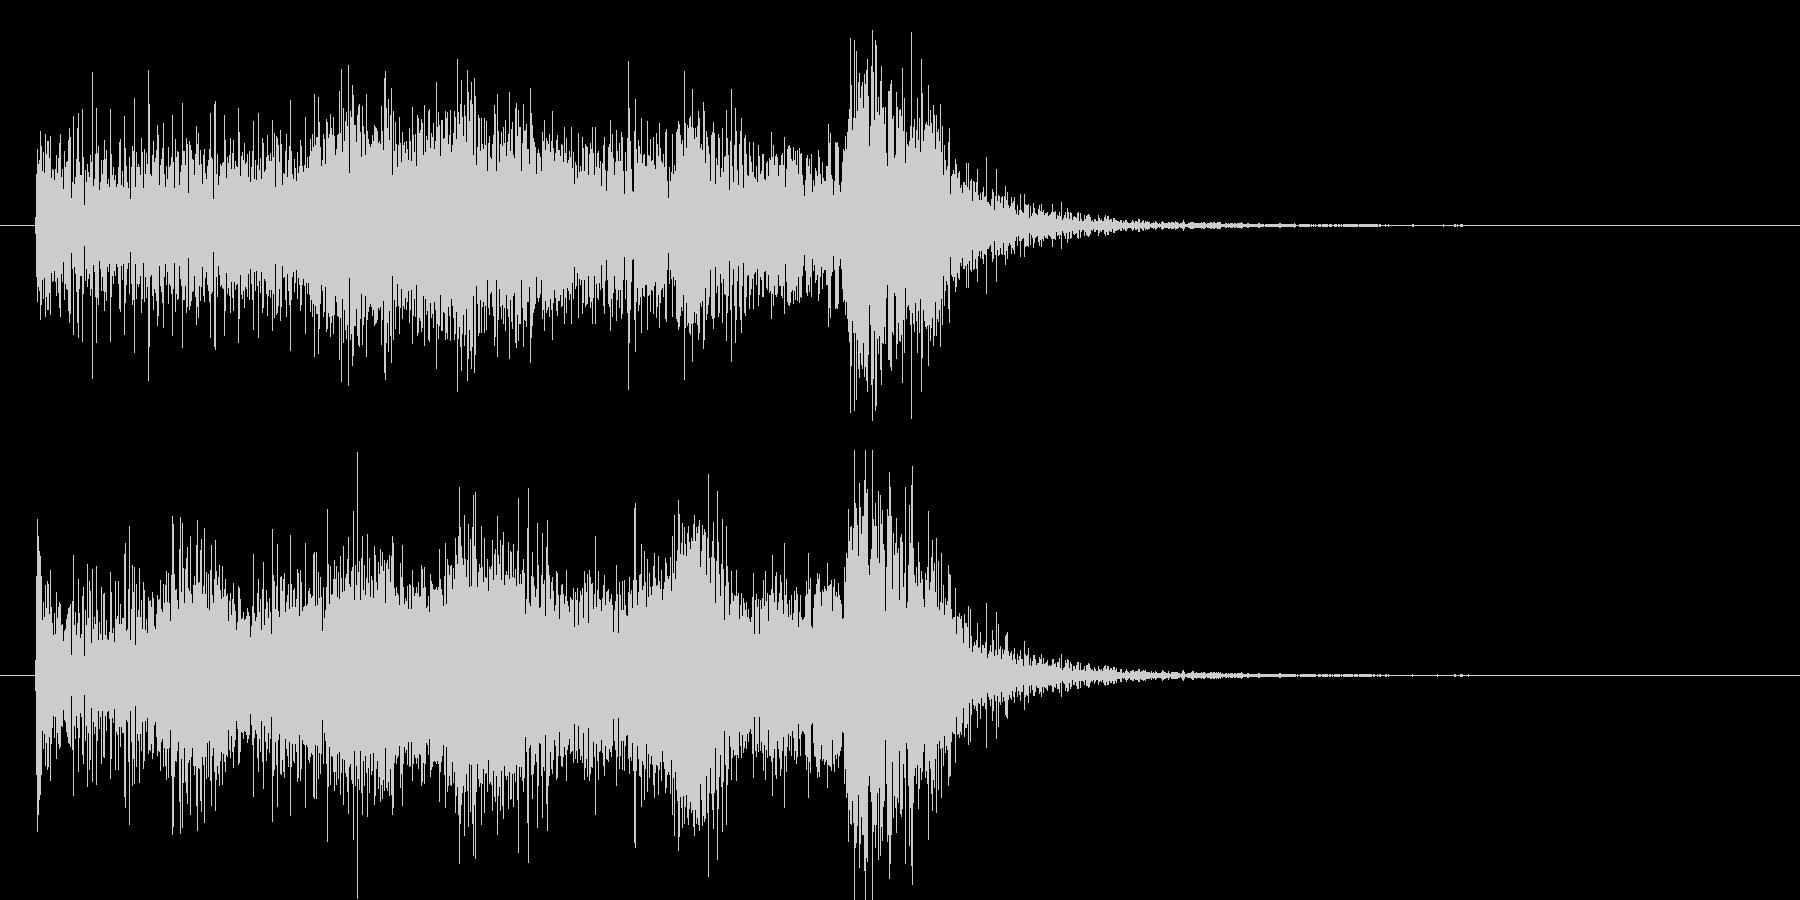 吹奏楽ゲームレベルアップファンファーレの未再生の波形